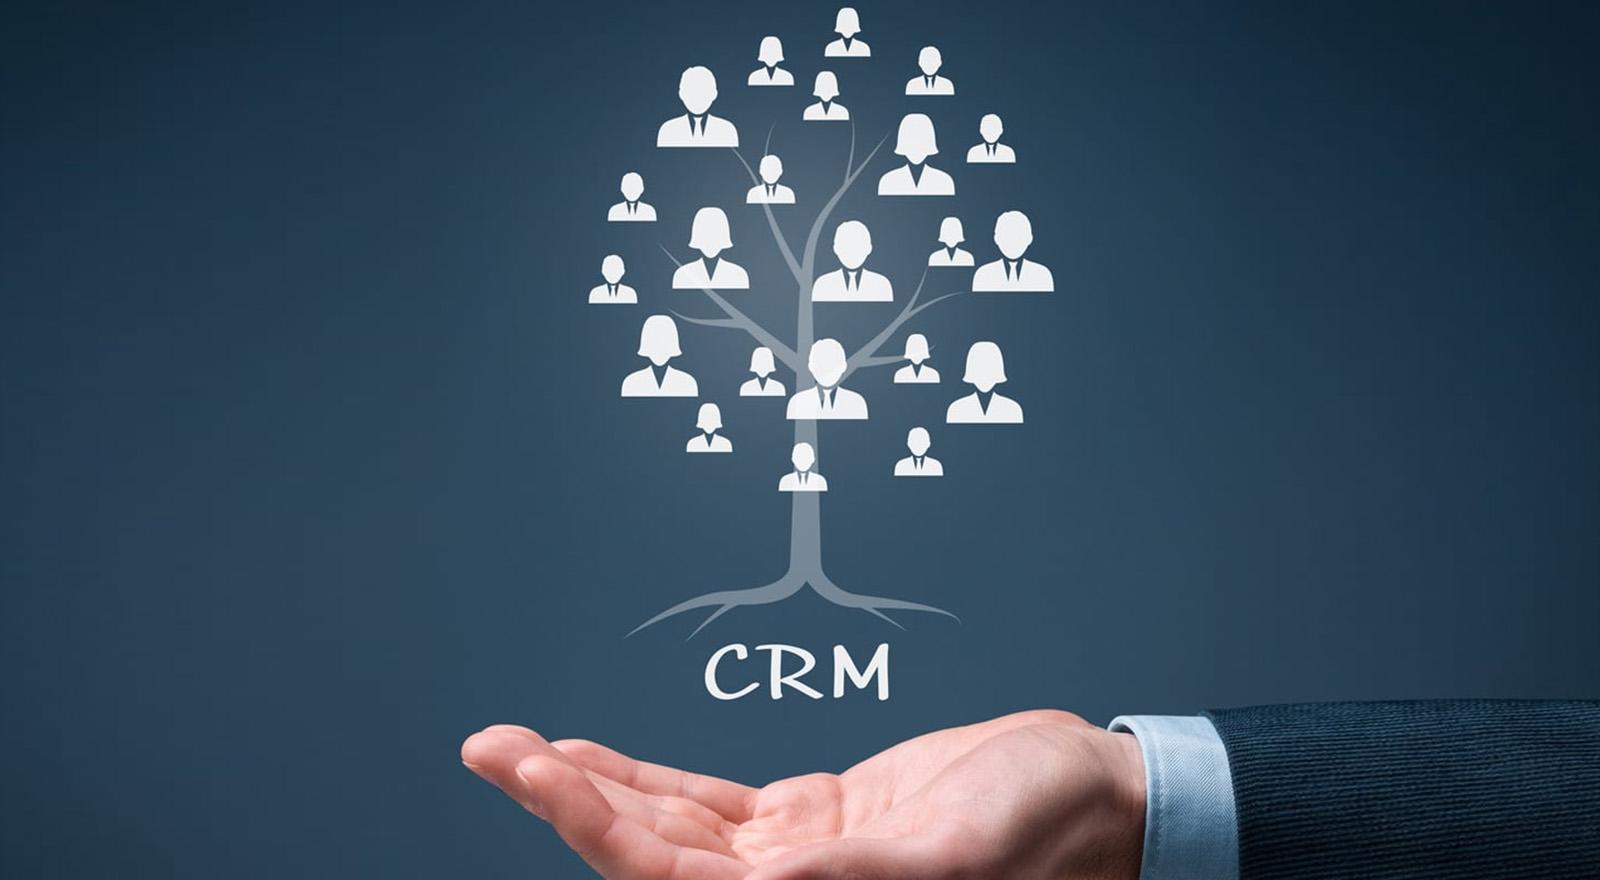 Бесплатный вебинар: Почему не работает ваша CRM? Опыт проектов AmoCRM и Битрикс24